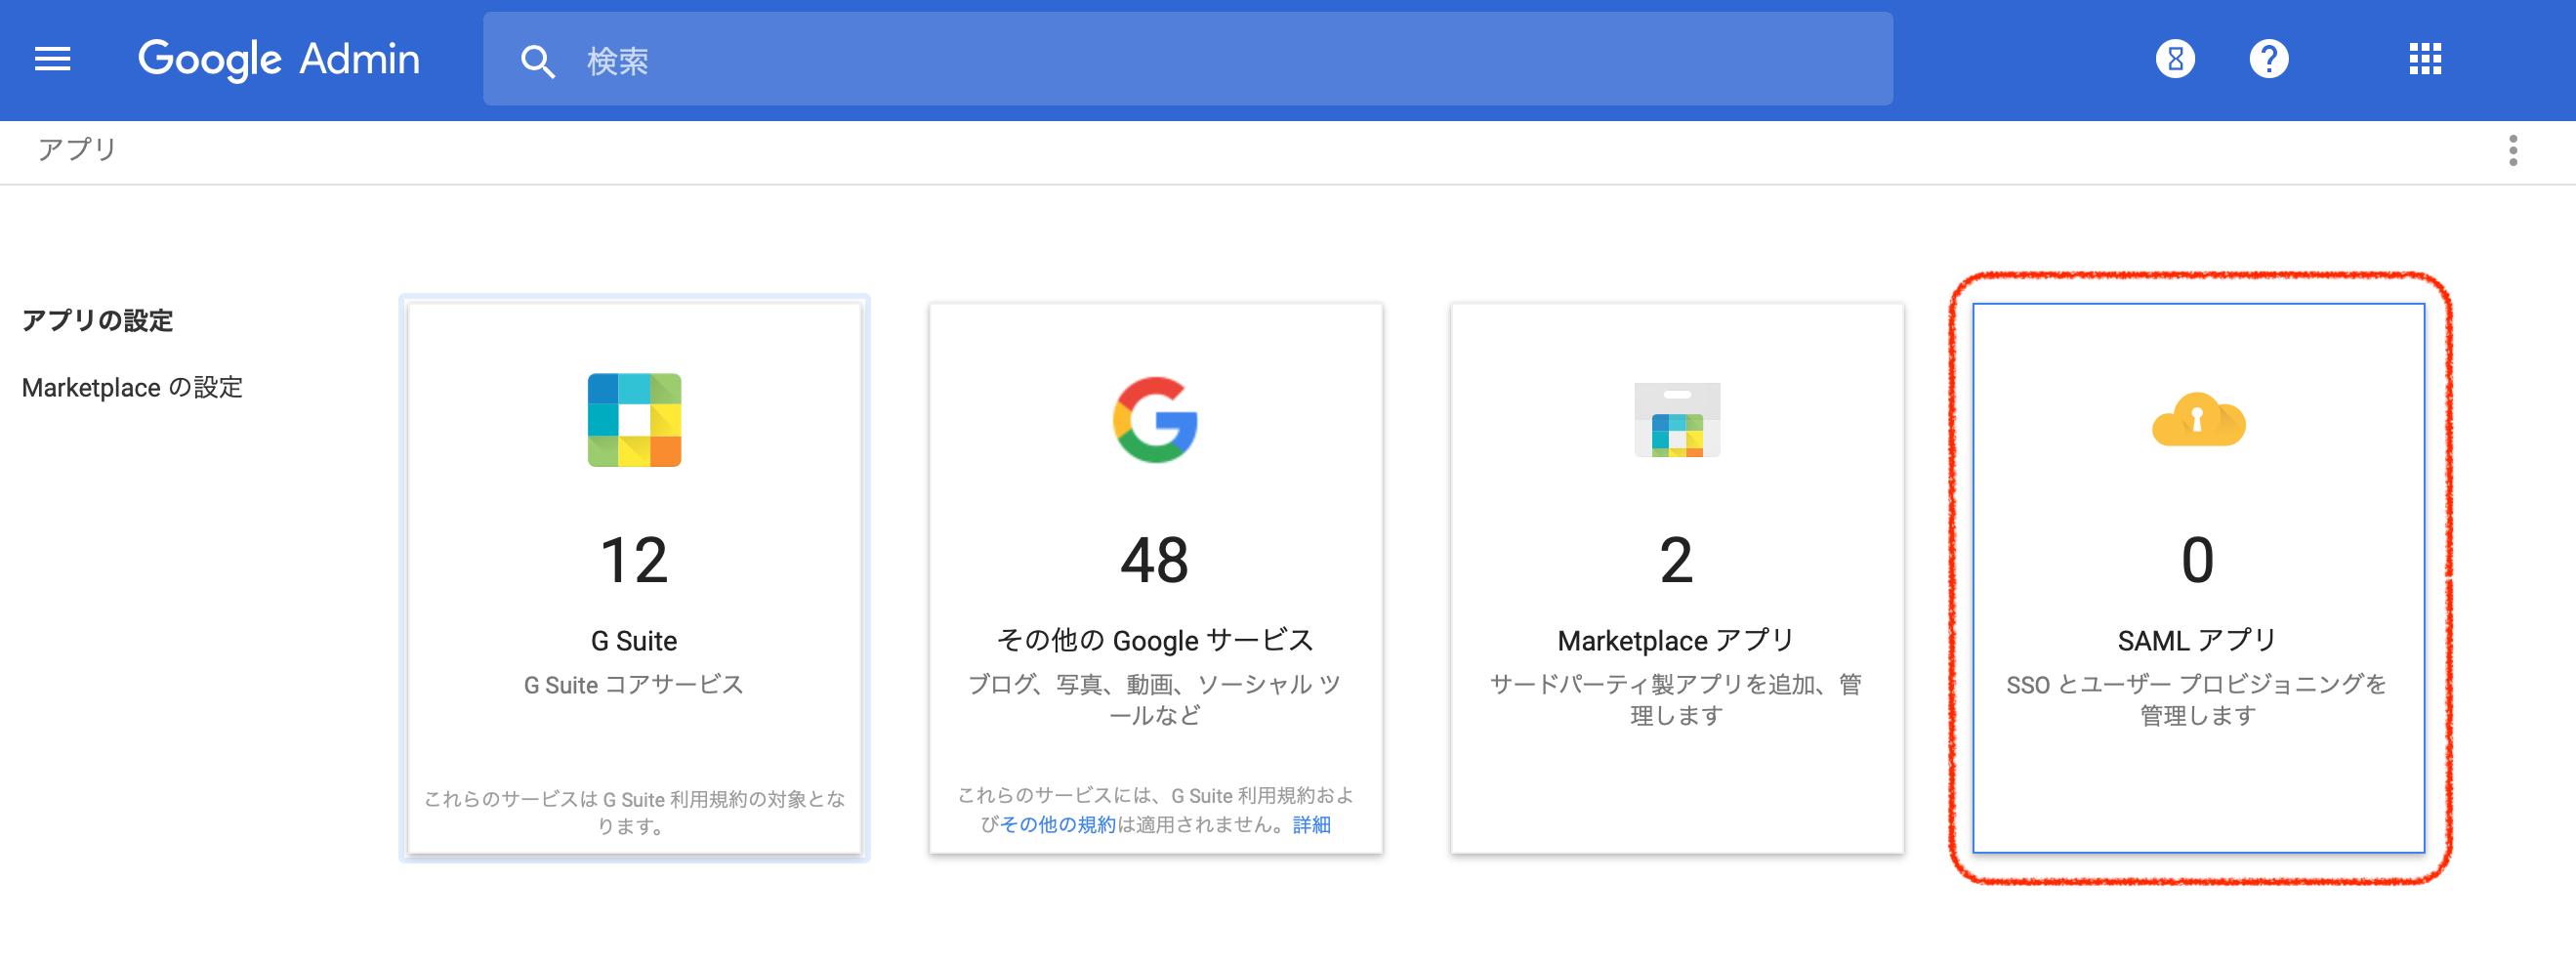 スクリーンショット 2019-01-04 23.58.14.png